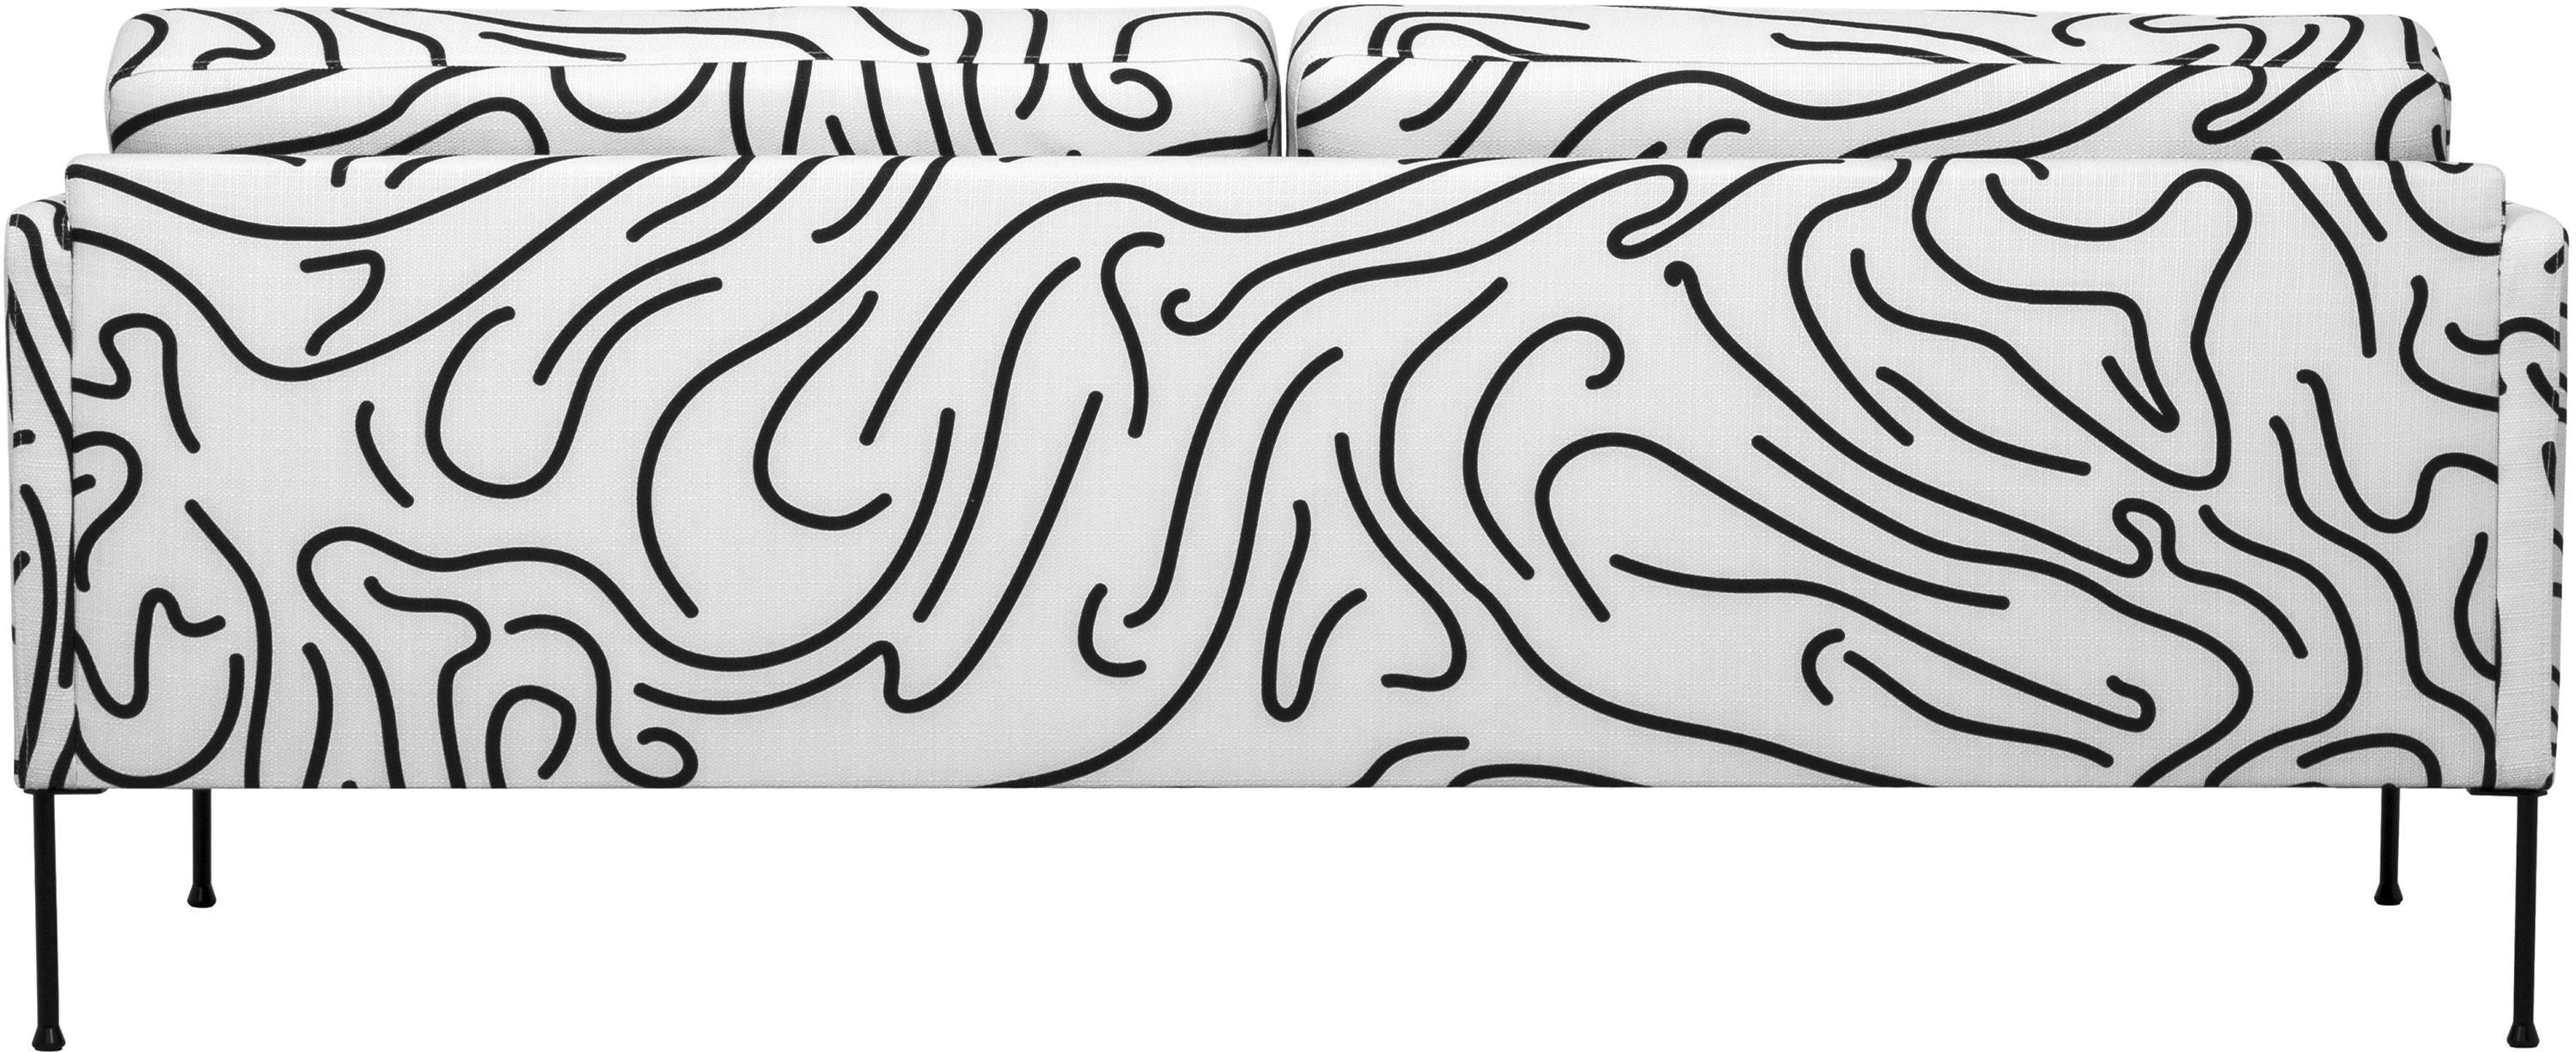 Sofa Fluente (3-Sitzer), Bezug: 100% Polyester Der hochwe, Gestell: Massives Kiefernholz, Webstoff Weiss, B 196 x T 85 cm